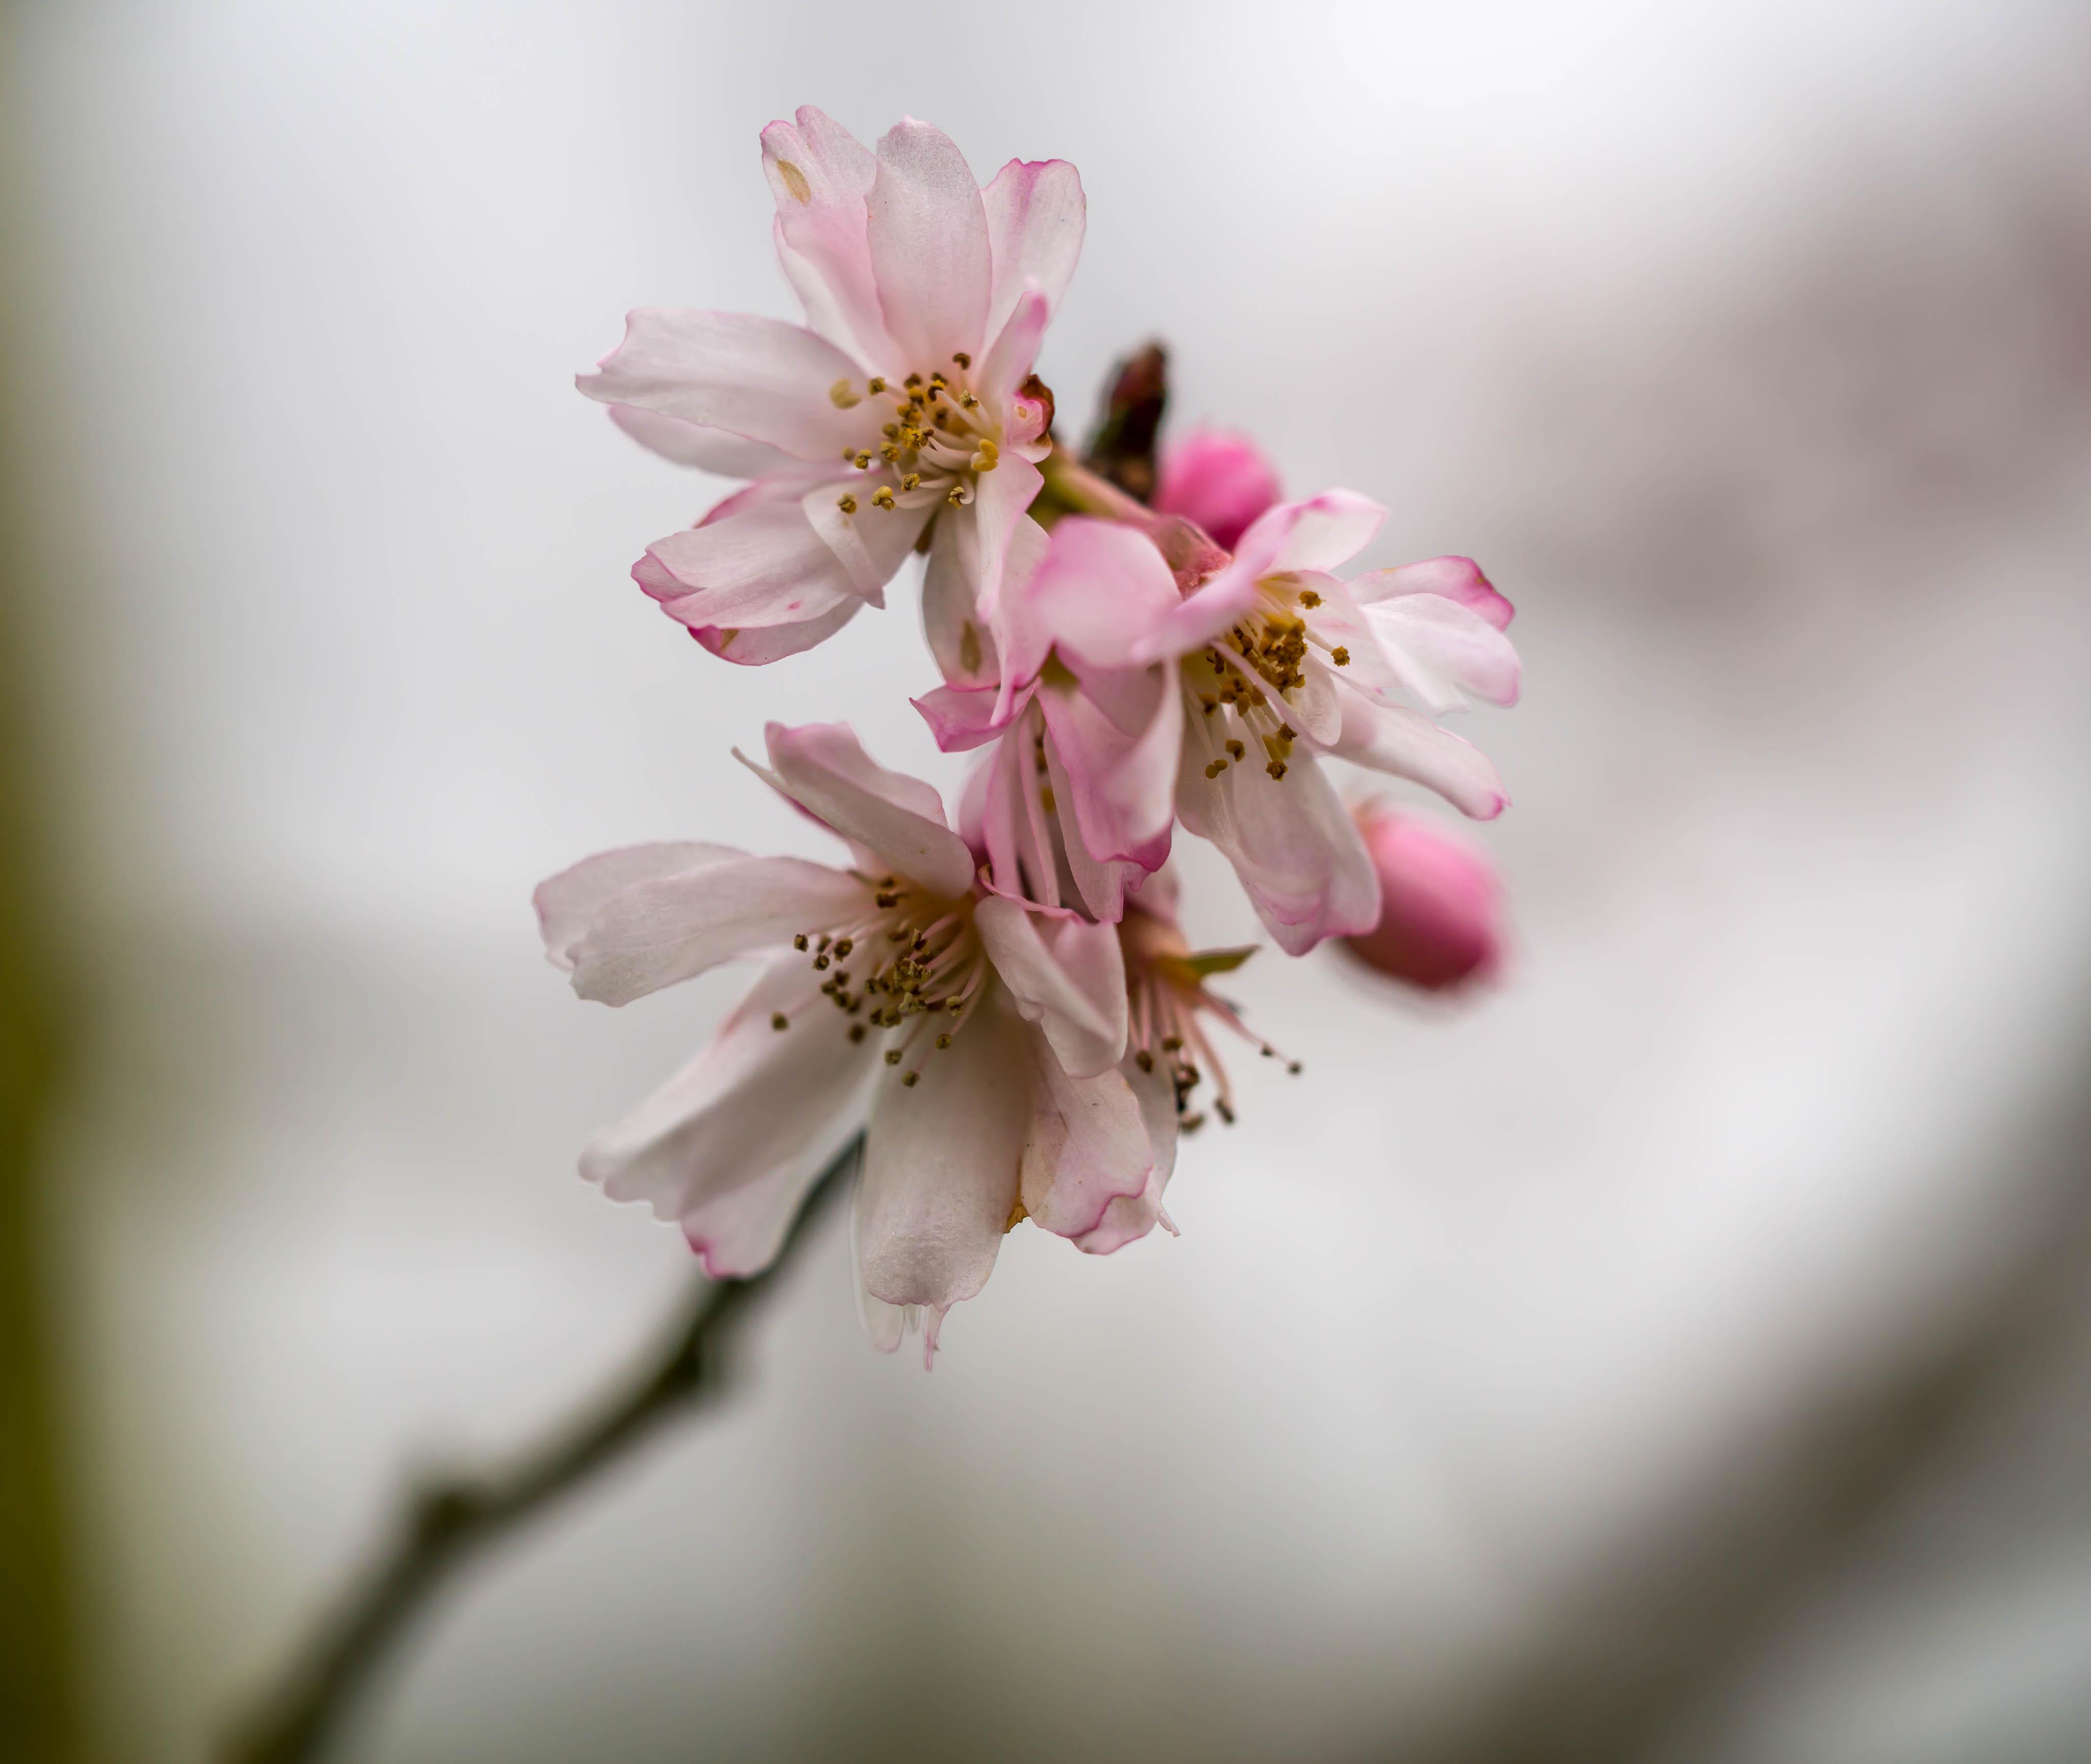 Sfondi fiorire rosa primavera fiore di ciliegio for Pianta di ciliegio